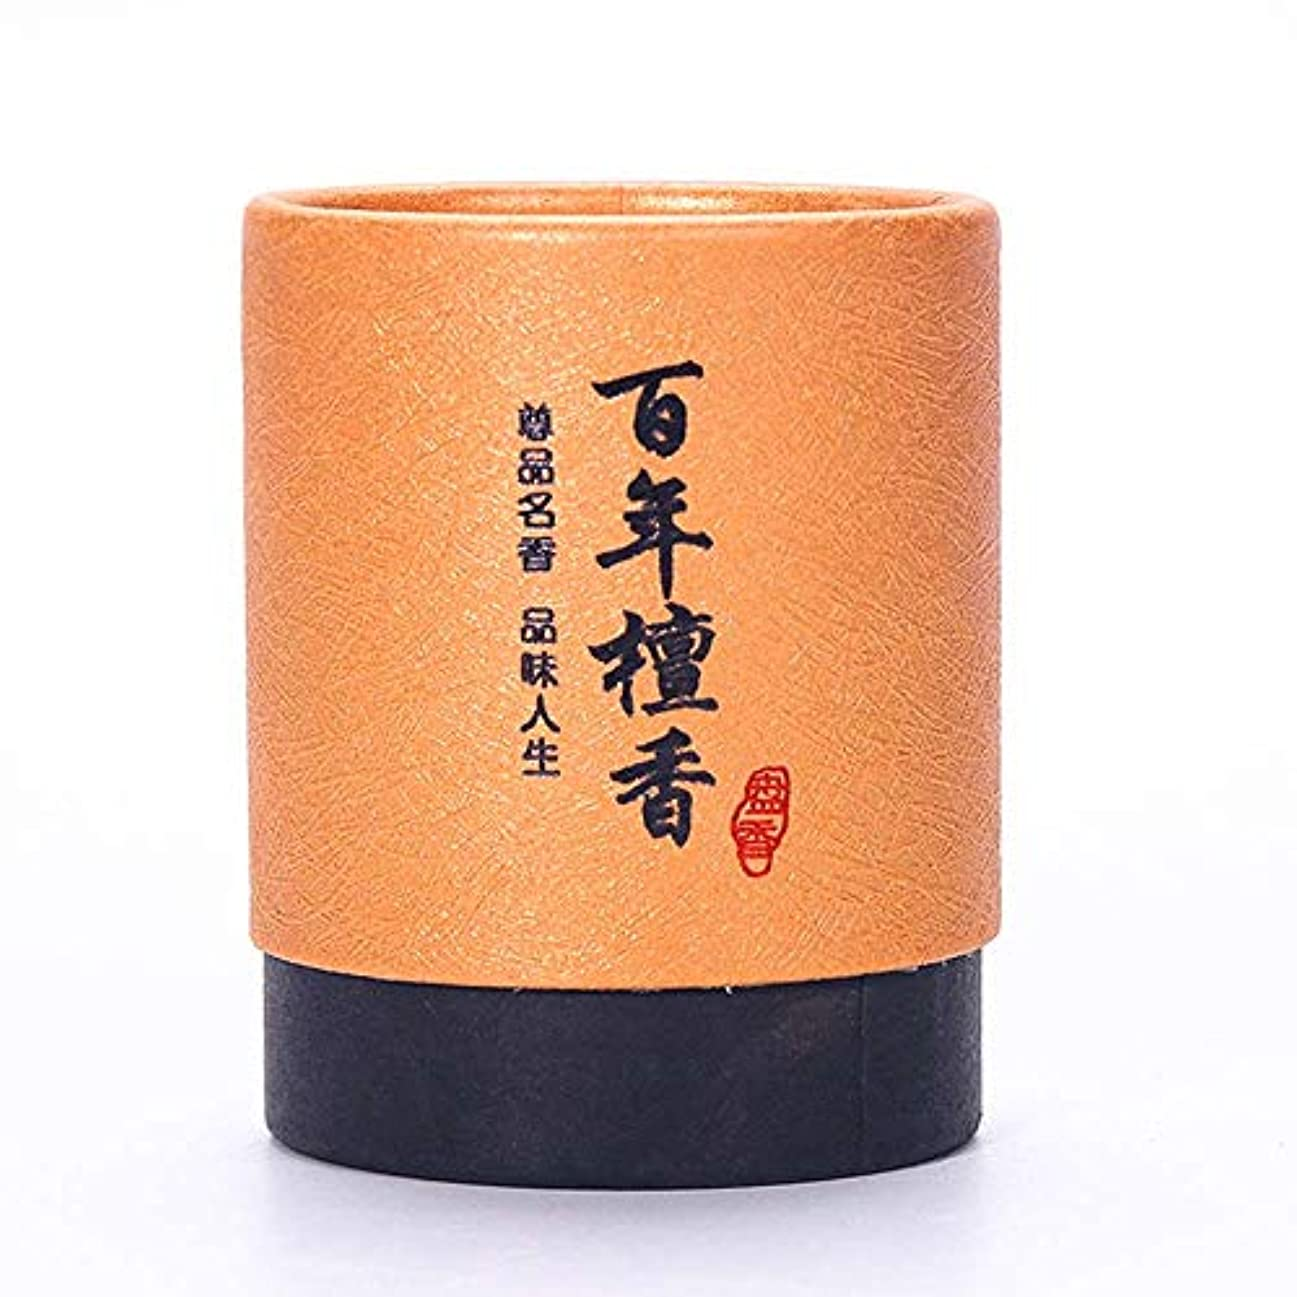 気になる落胆させるコインHwaGui お香 2時間 盤香 渦巻き線香 優しい香り 48巻入 (百年檀香)